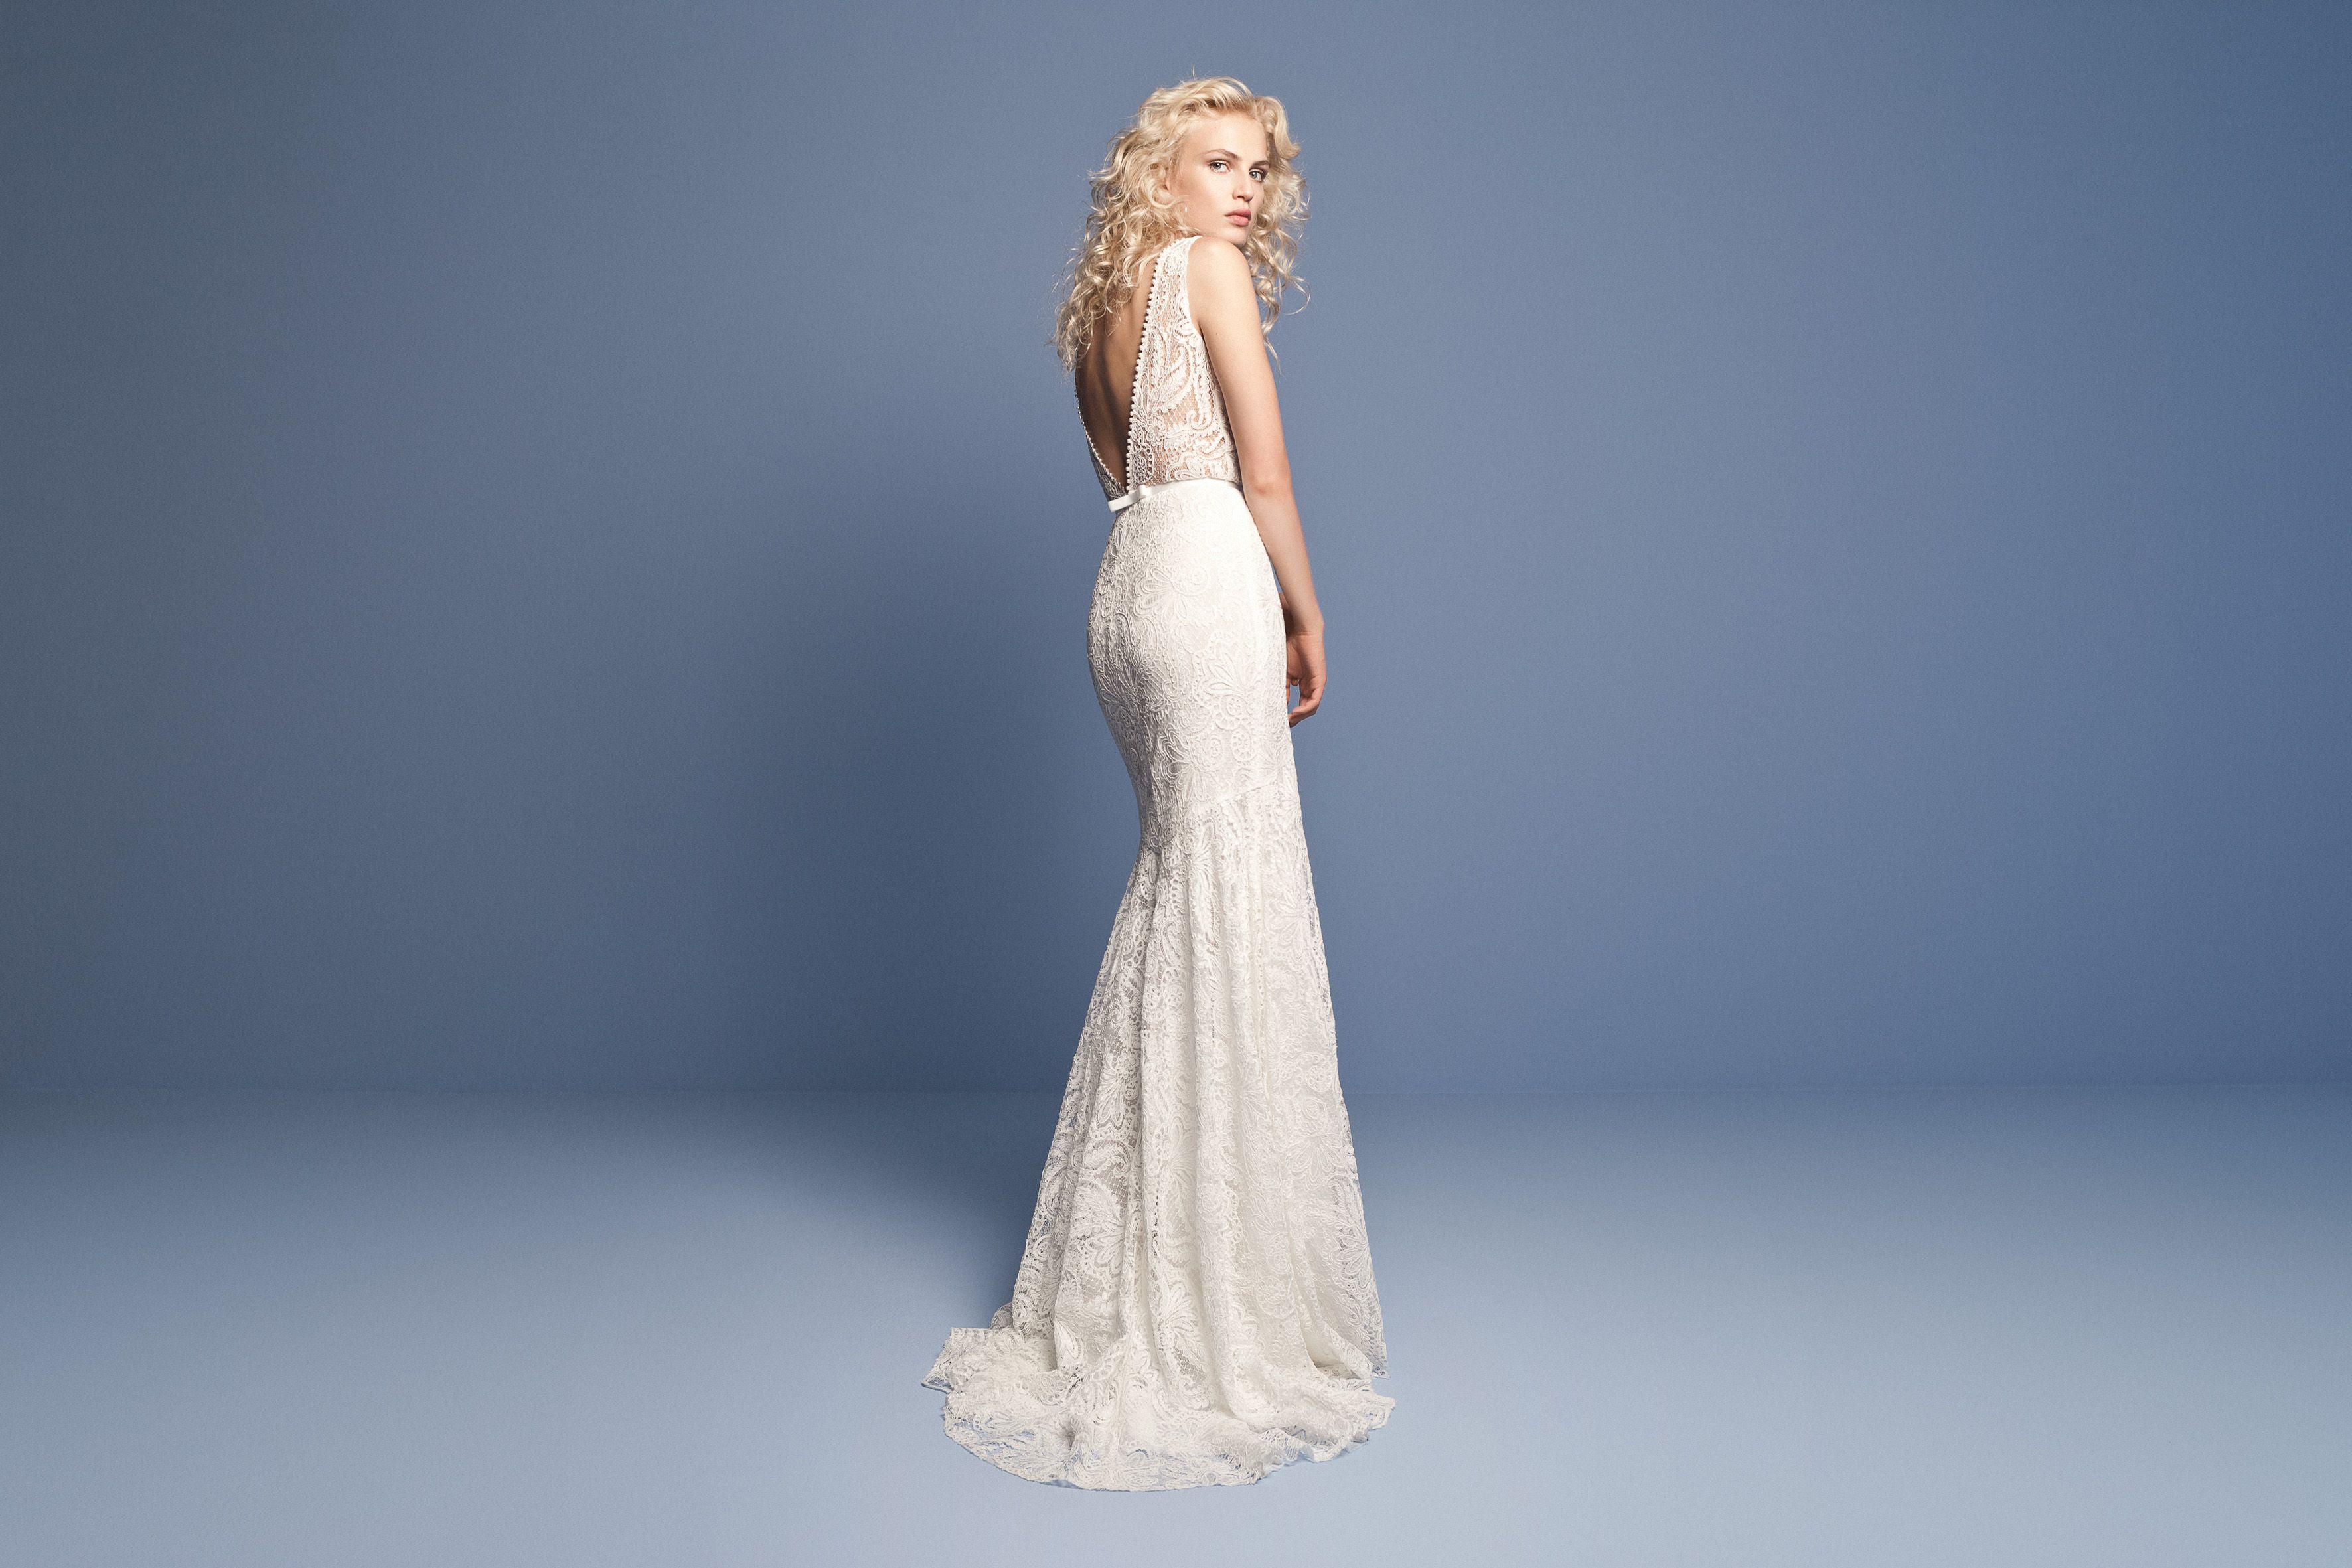 64ac0aaa480b Daalarna - OCEAN lookbook | wed | Pinterest | Wedding dress, Wedding ...